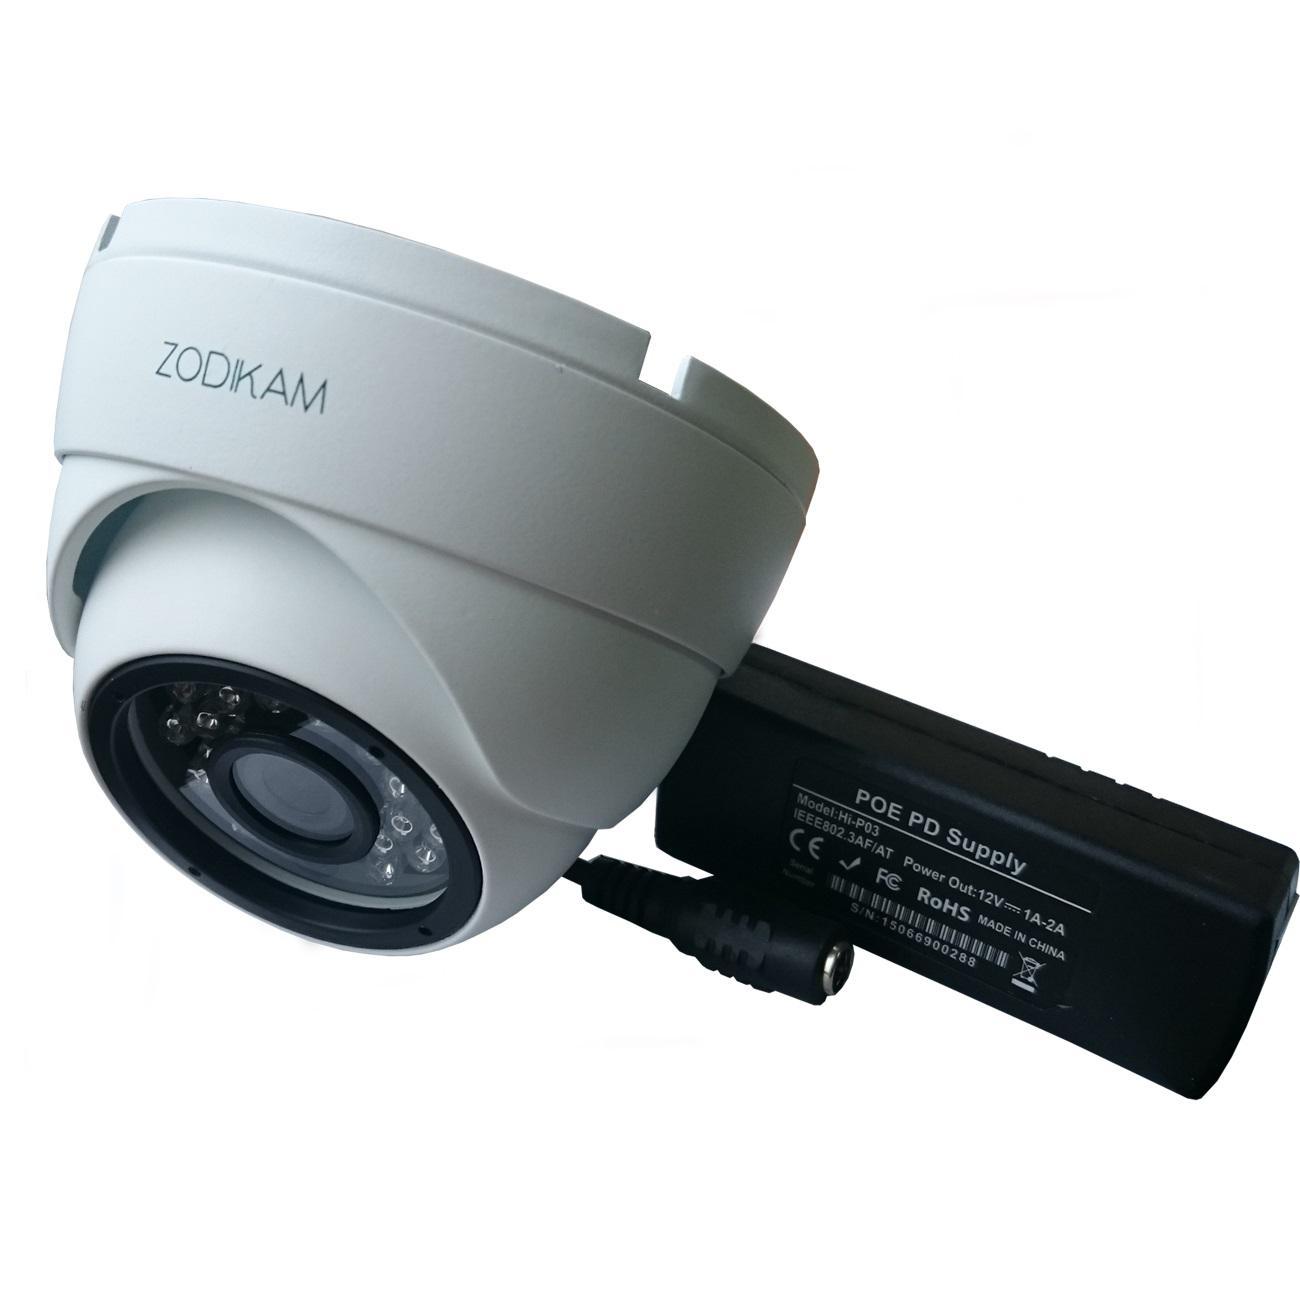 Фото - Камера видеонаблюдения Zodikam 3202-p 2.8 видео